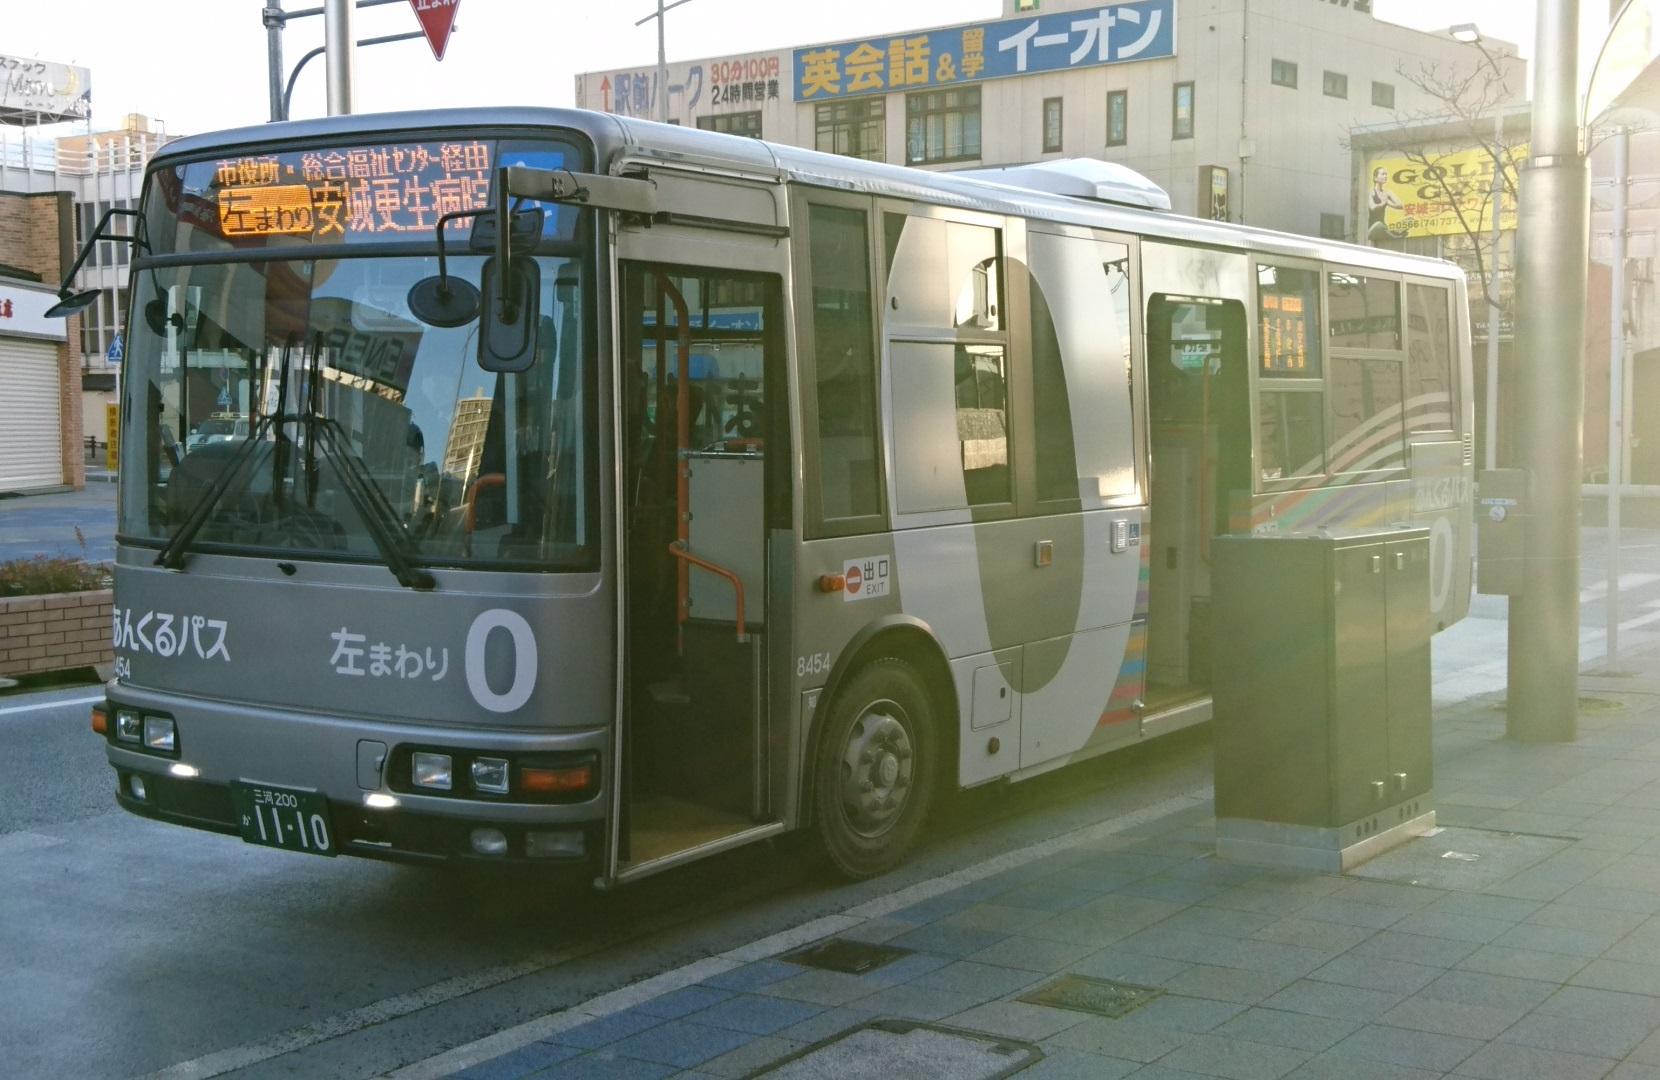 2016.12.14 あんじょうえきまえ (3) あんくるバス 1660-1080